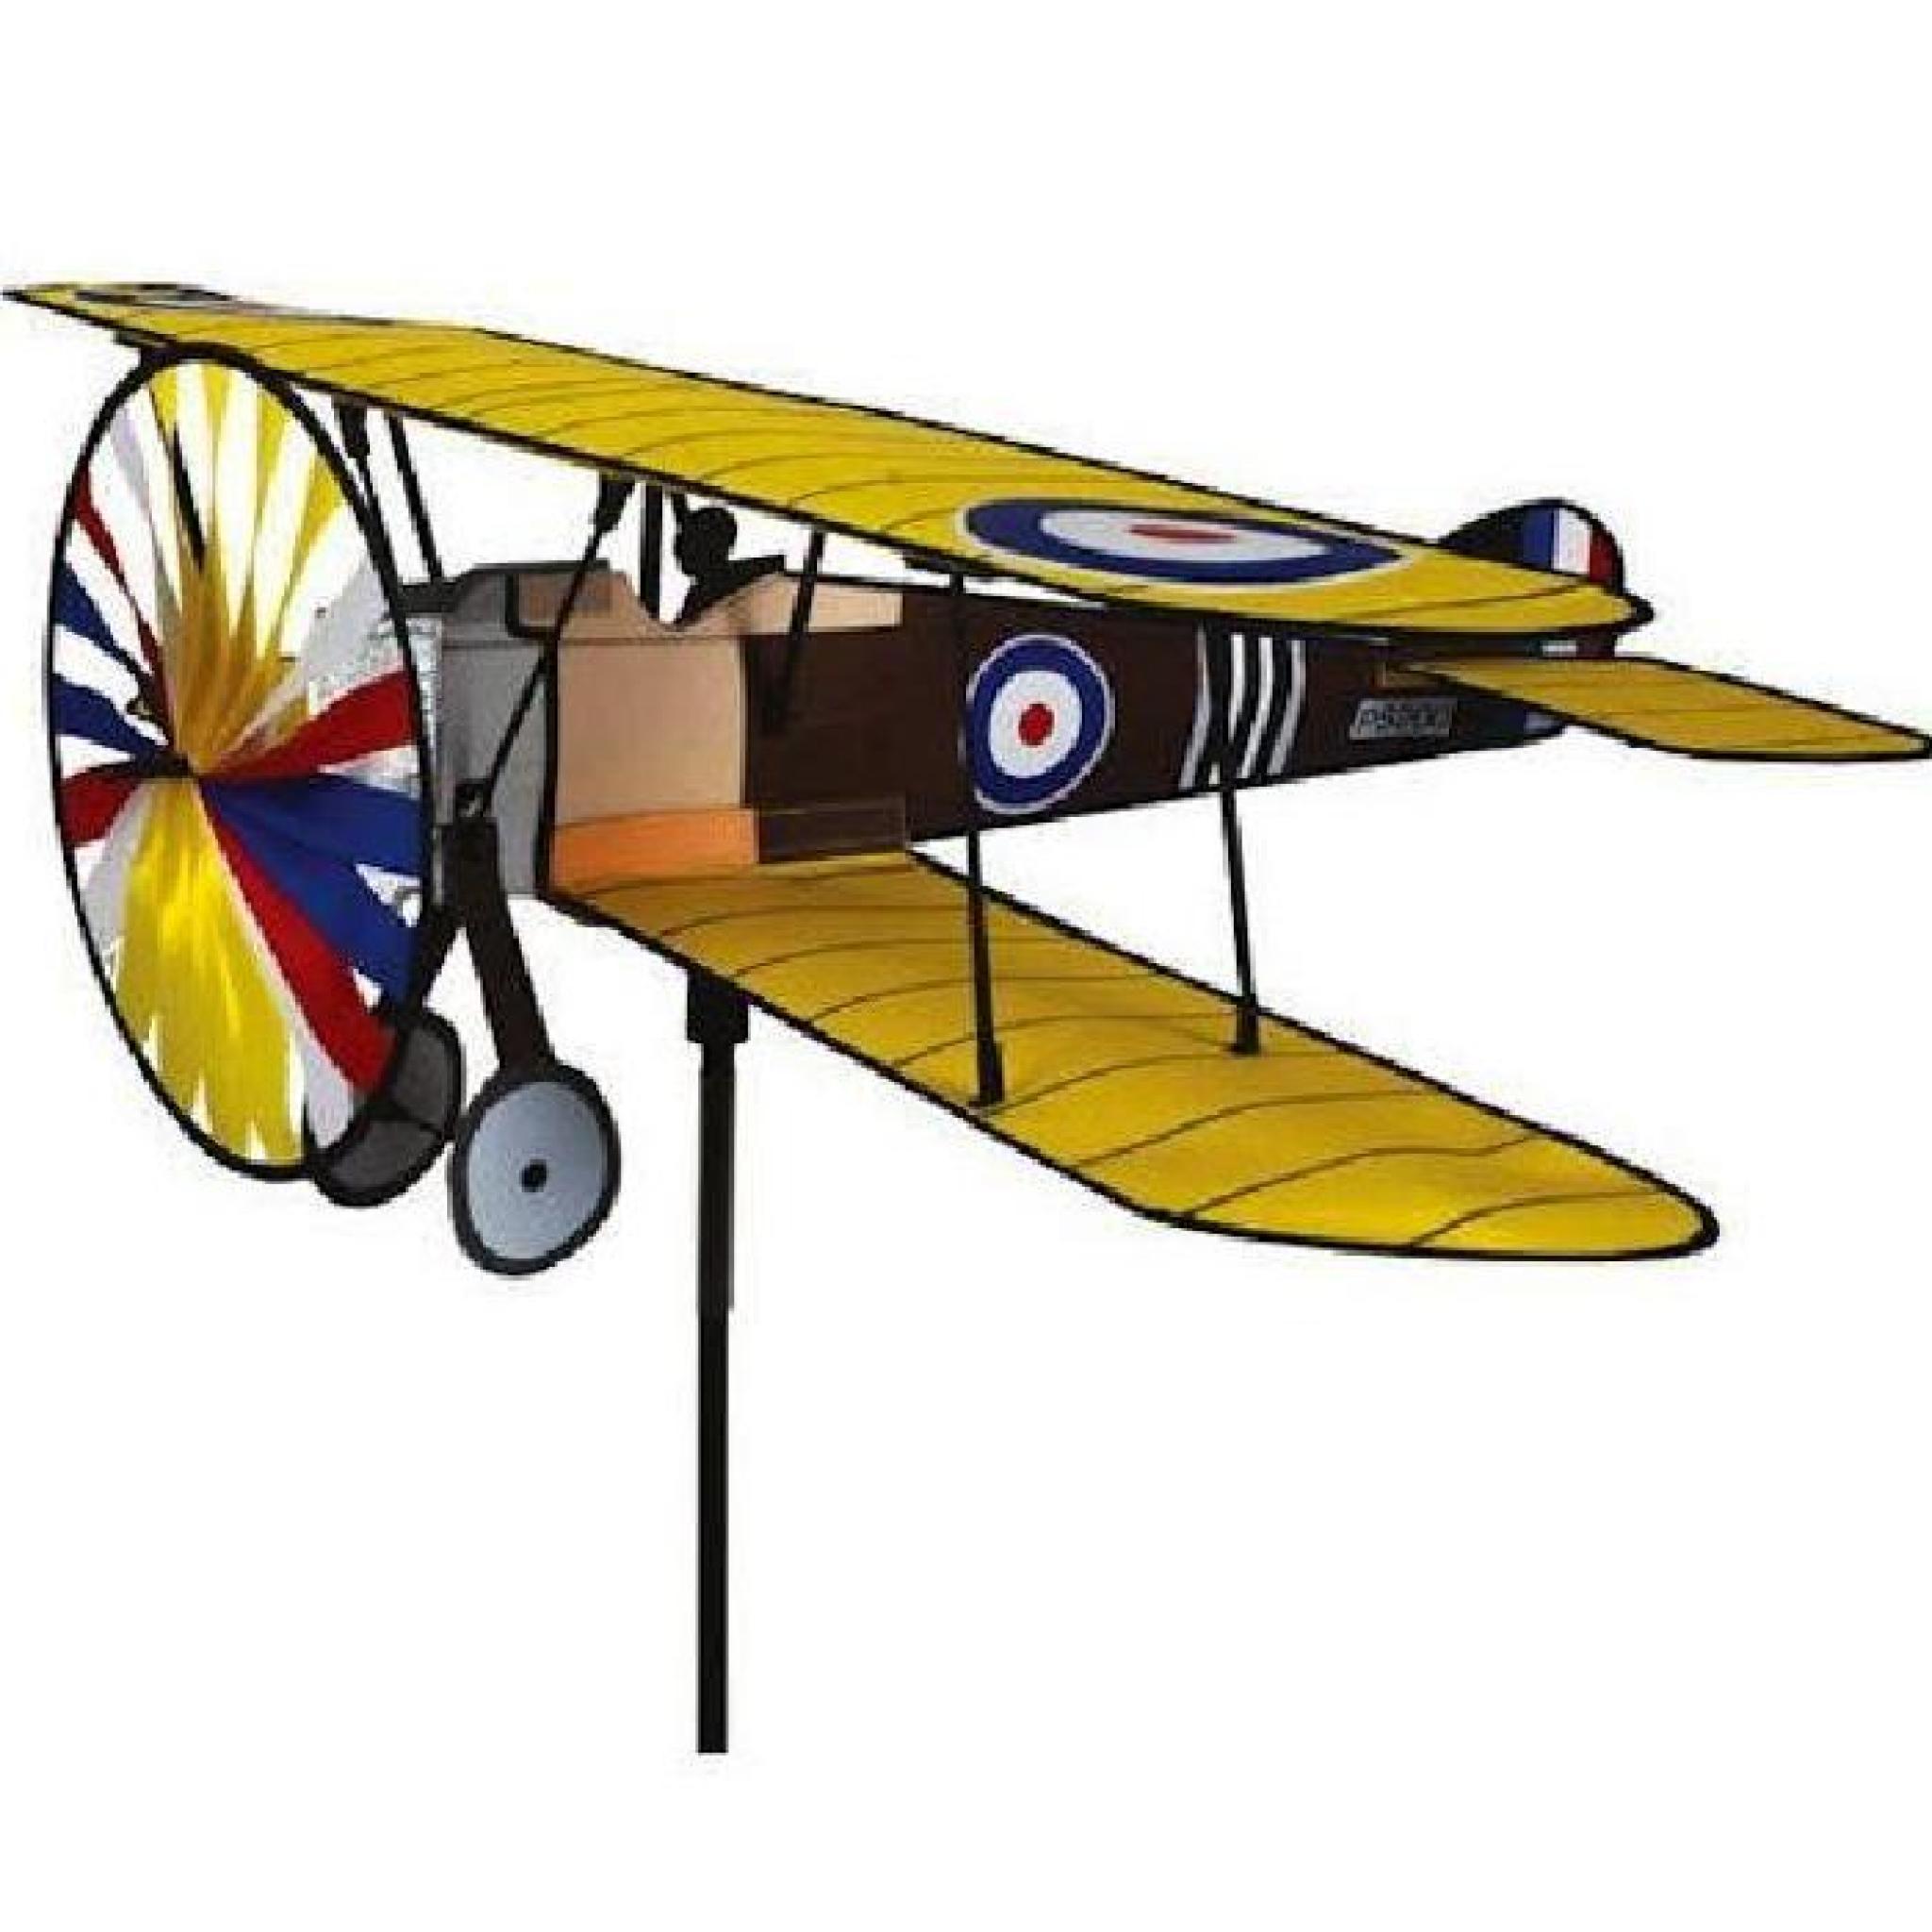 avion sopwith camel moulin vent d co de jardin aviation. Black Bedroom Furniture Sets. Home Design Ideas